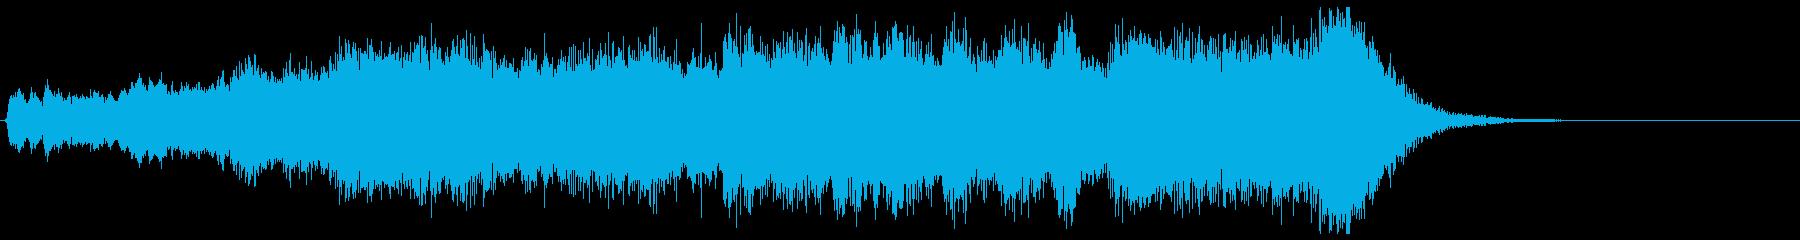 金管カノンが勇壮なフルオケジングル合唱付の再生済みの波形